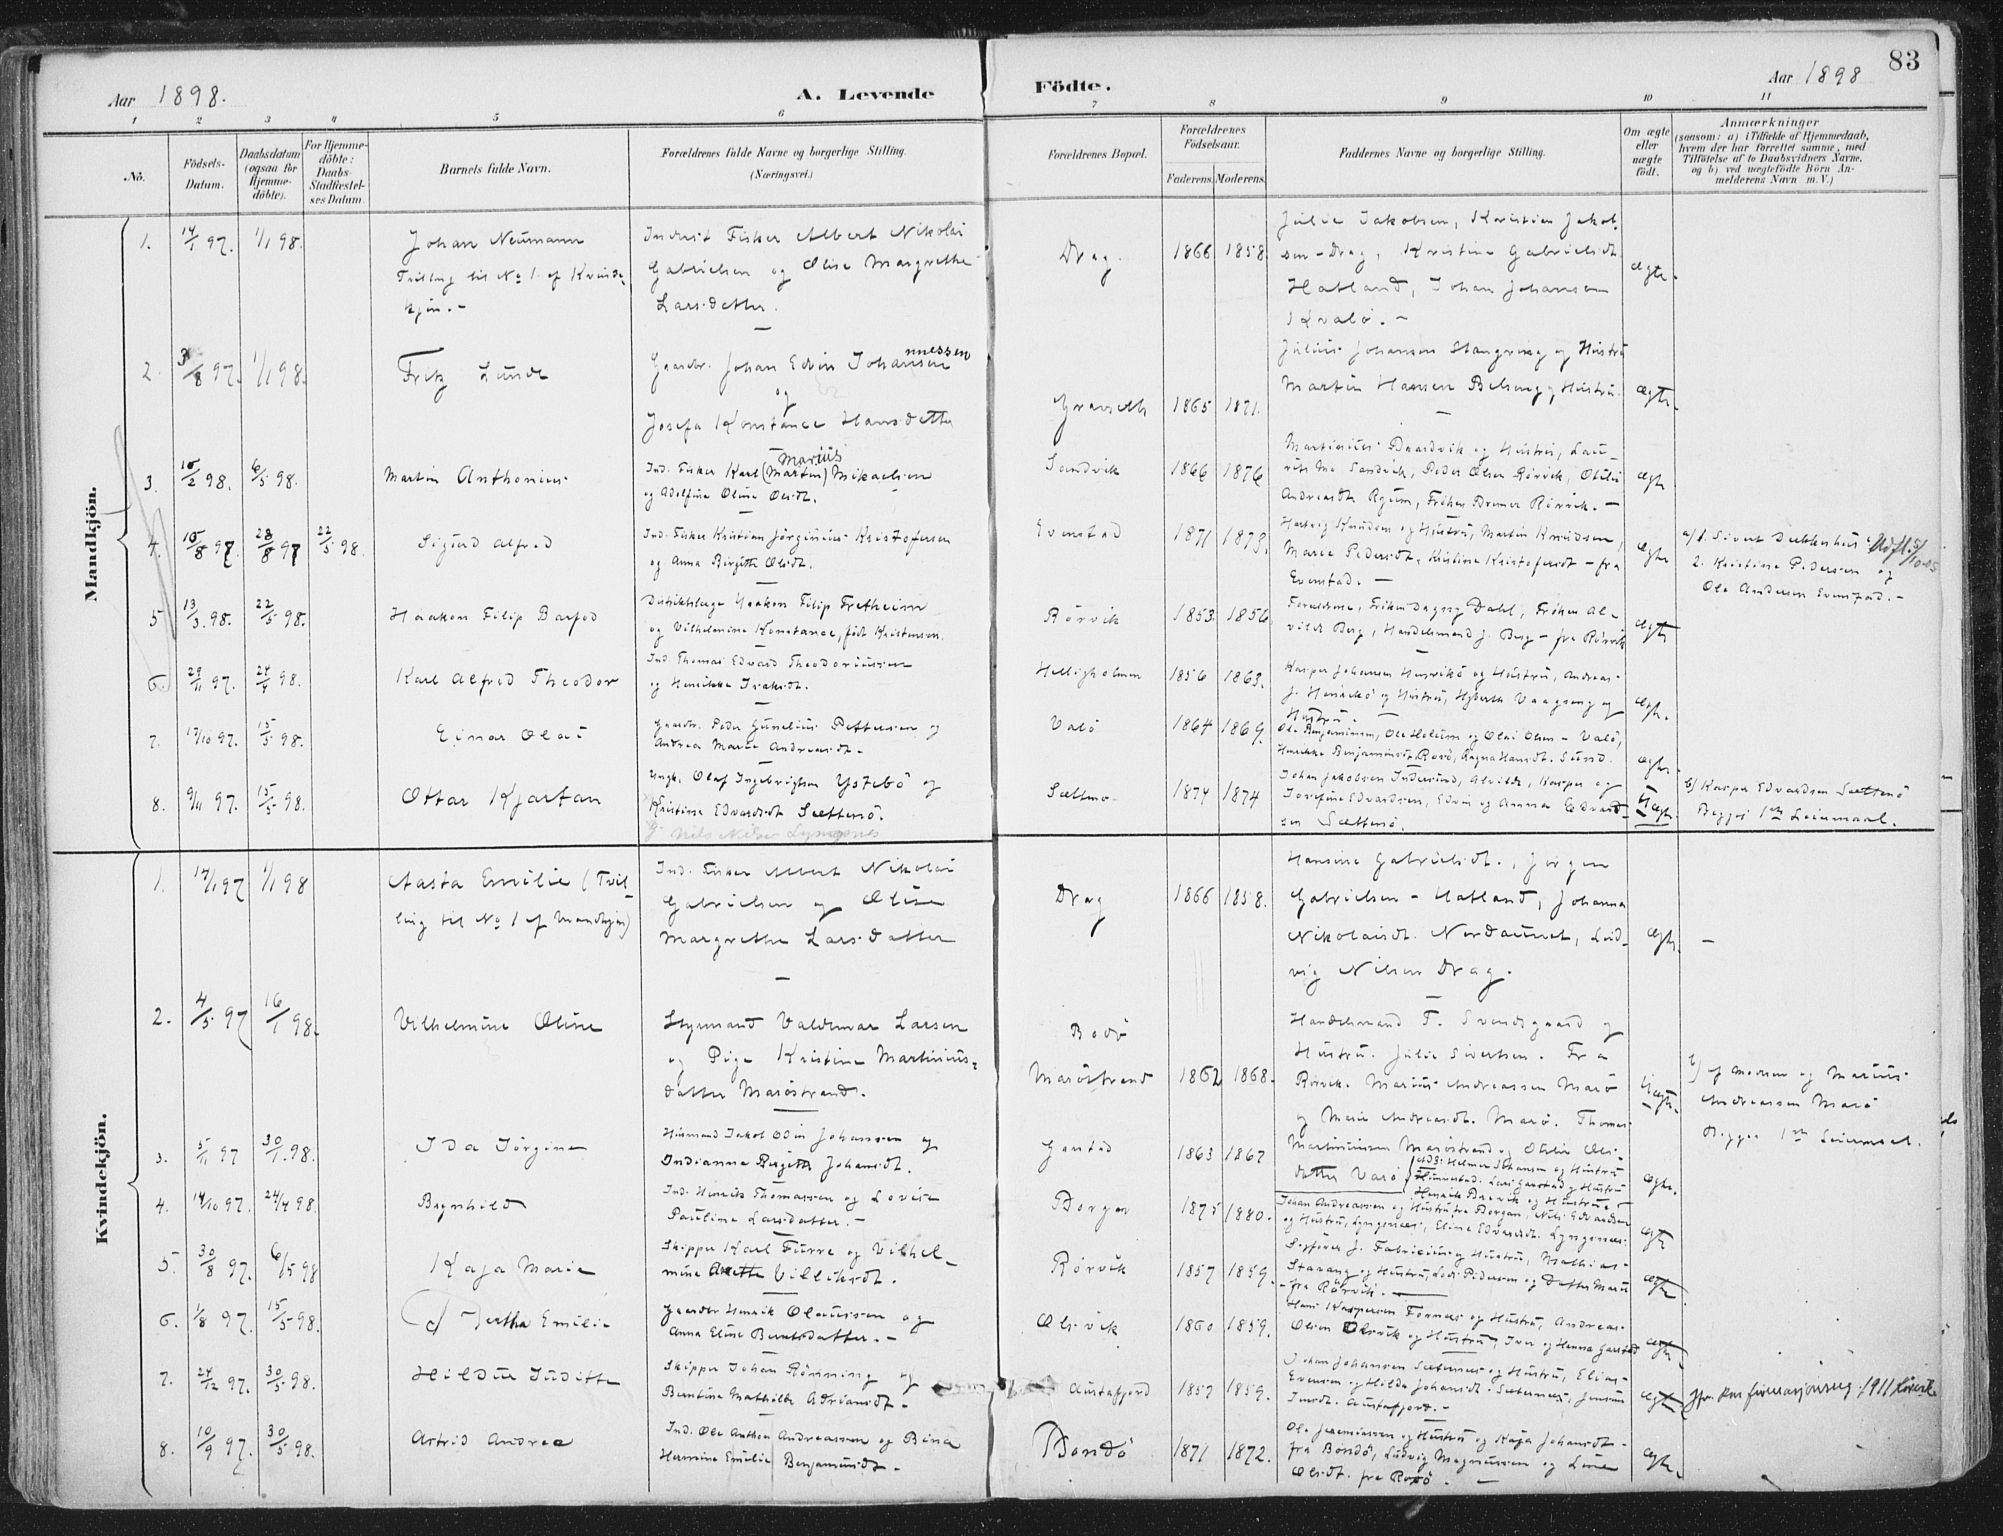 SAT, Ministerialprotokoller, klokkerbøker og fødselsregistre - Nord-Trøndelag, 786/L0687: Ministerialbok nr. 786A03, 1888-1898, s. 83